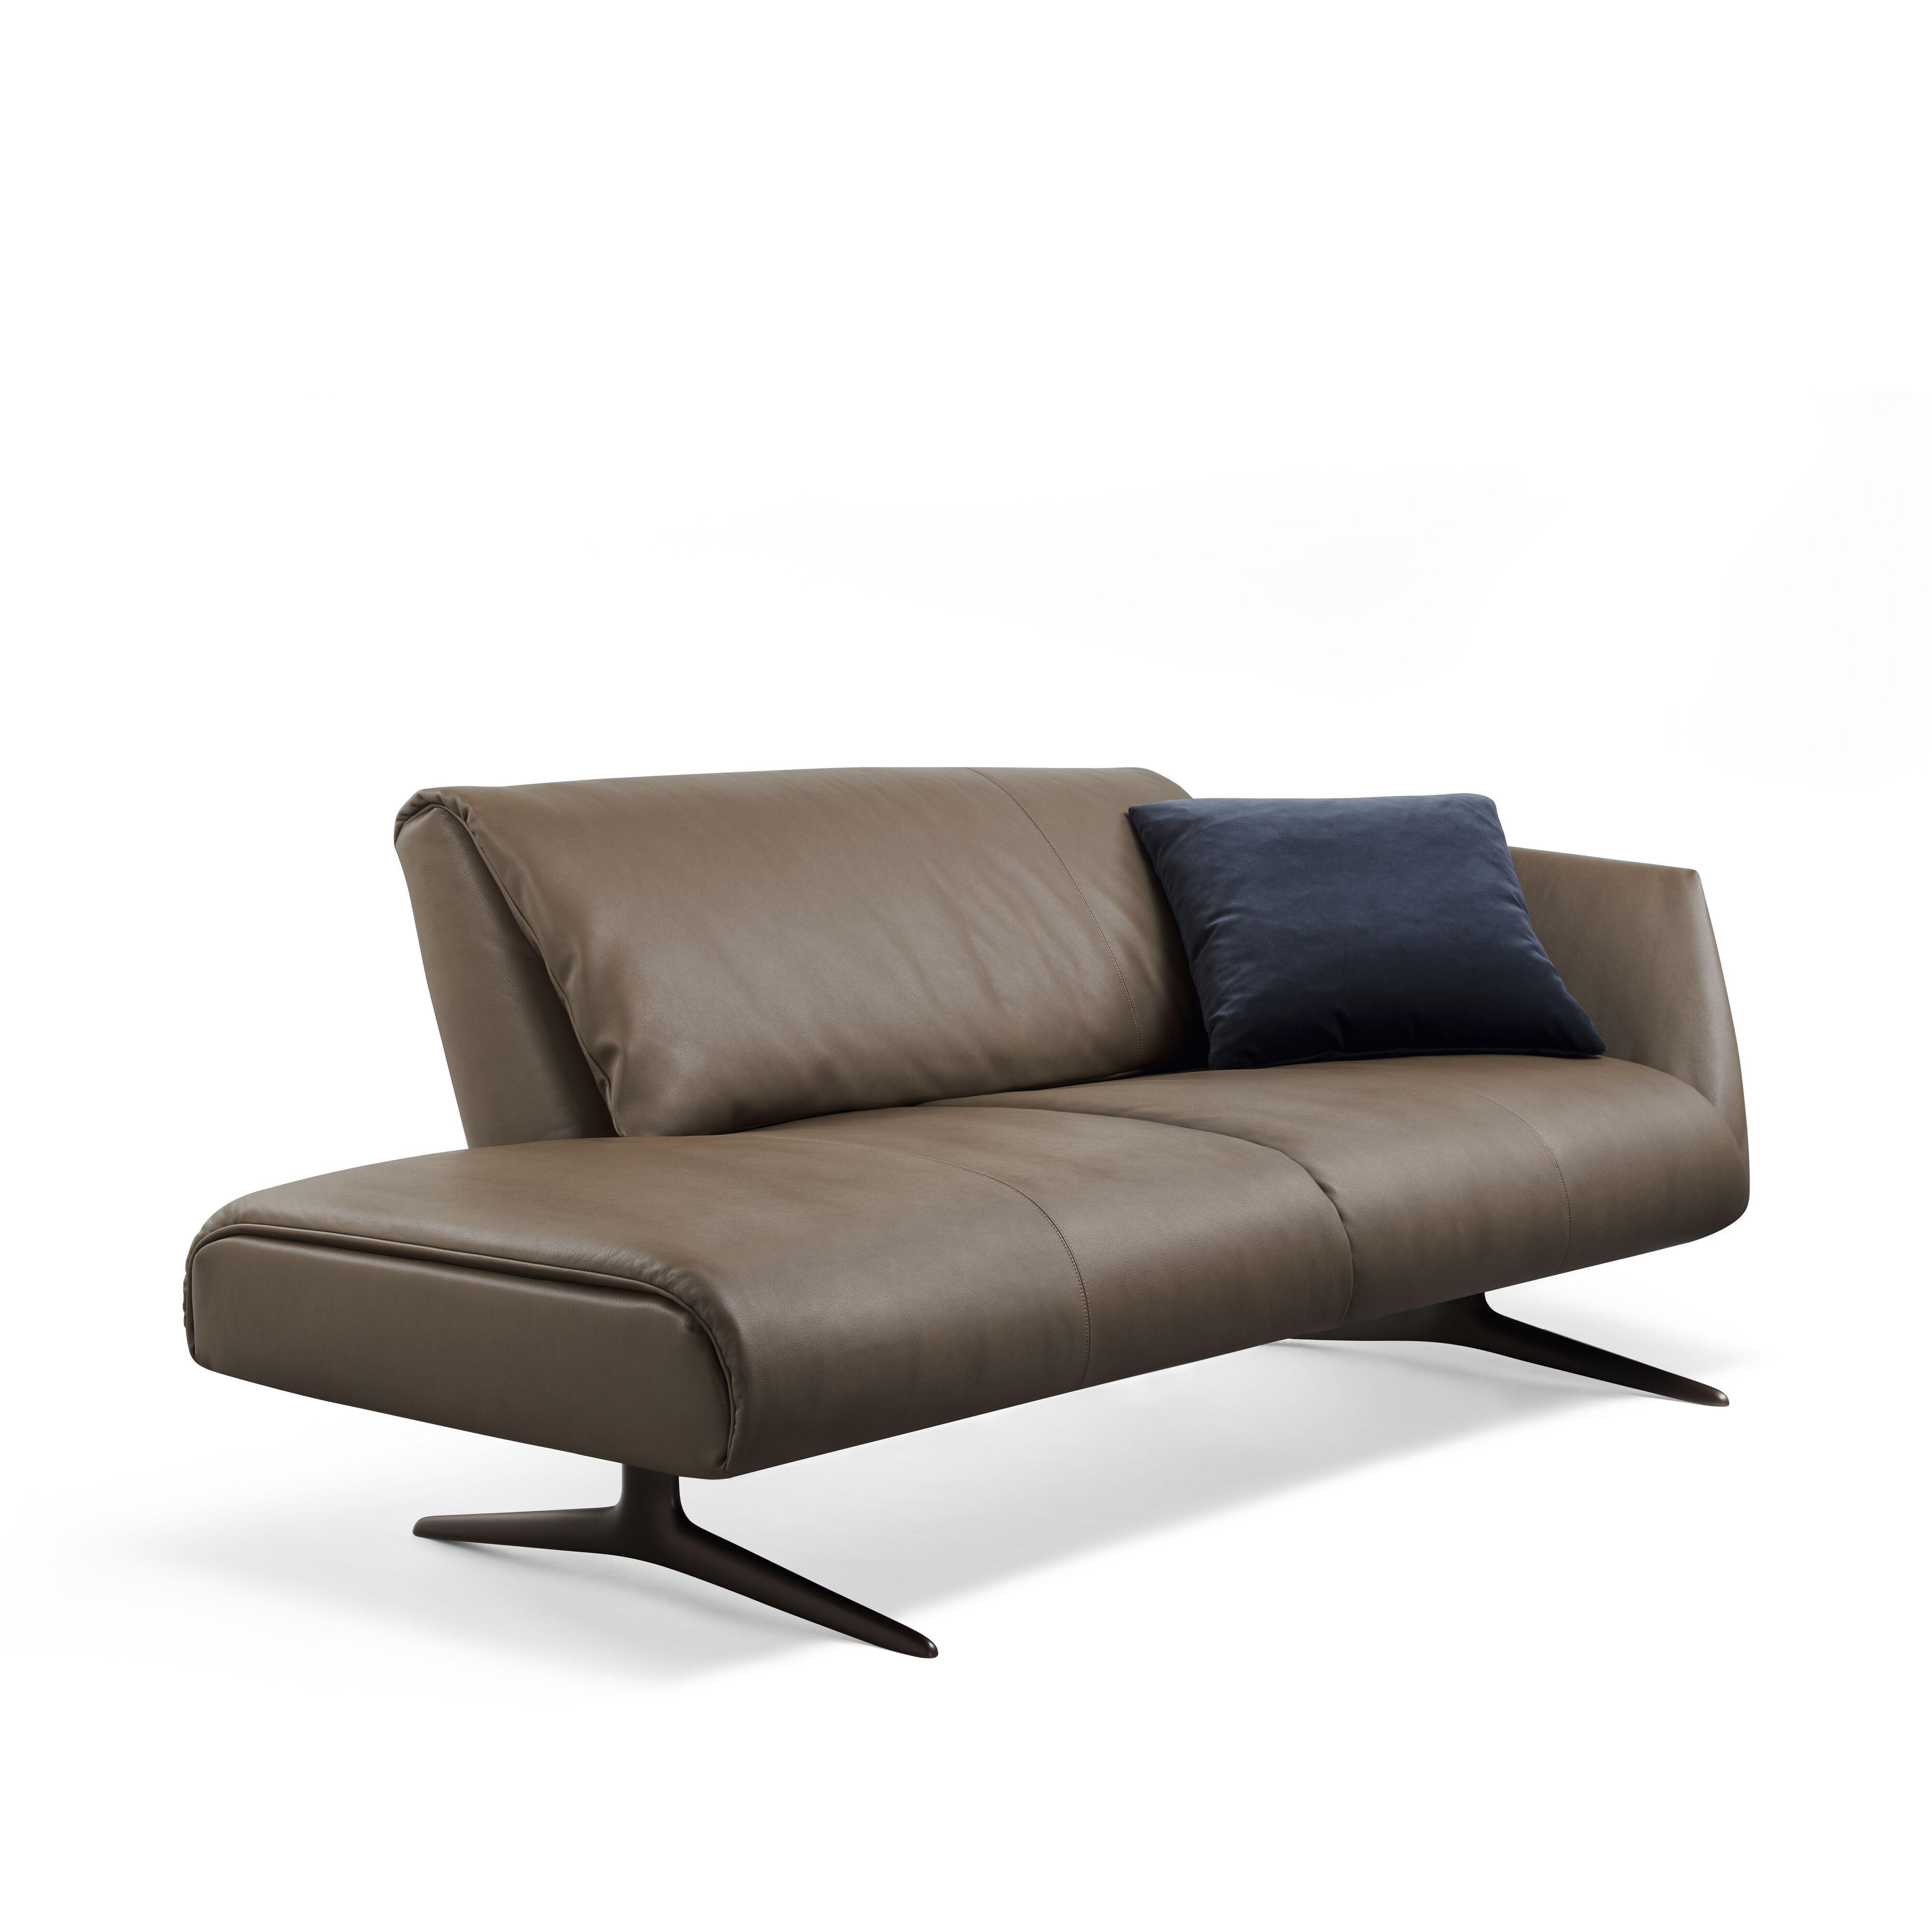 05-WK-Bundle-Sofa-0006-H.tif